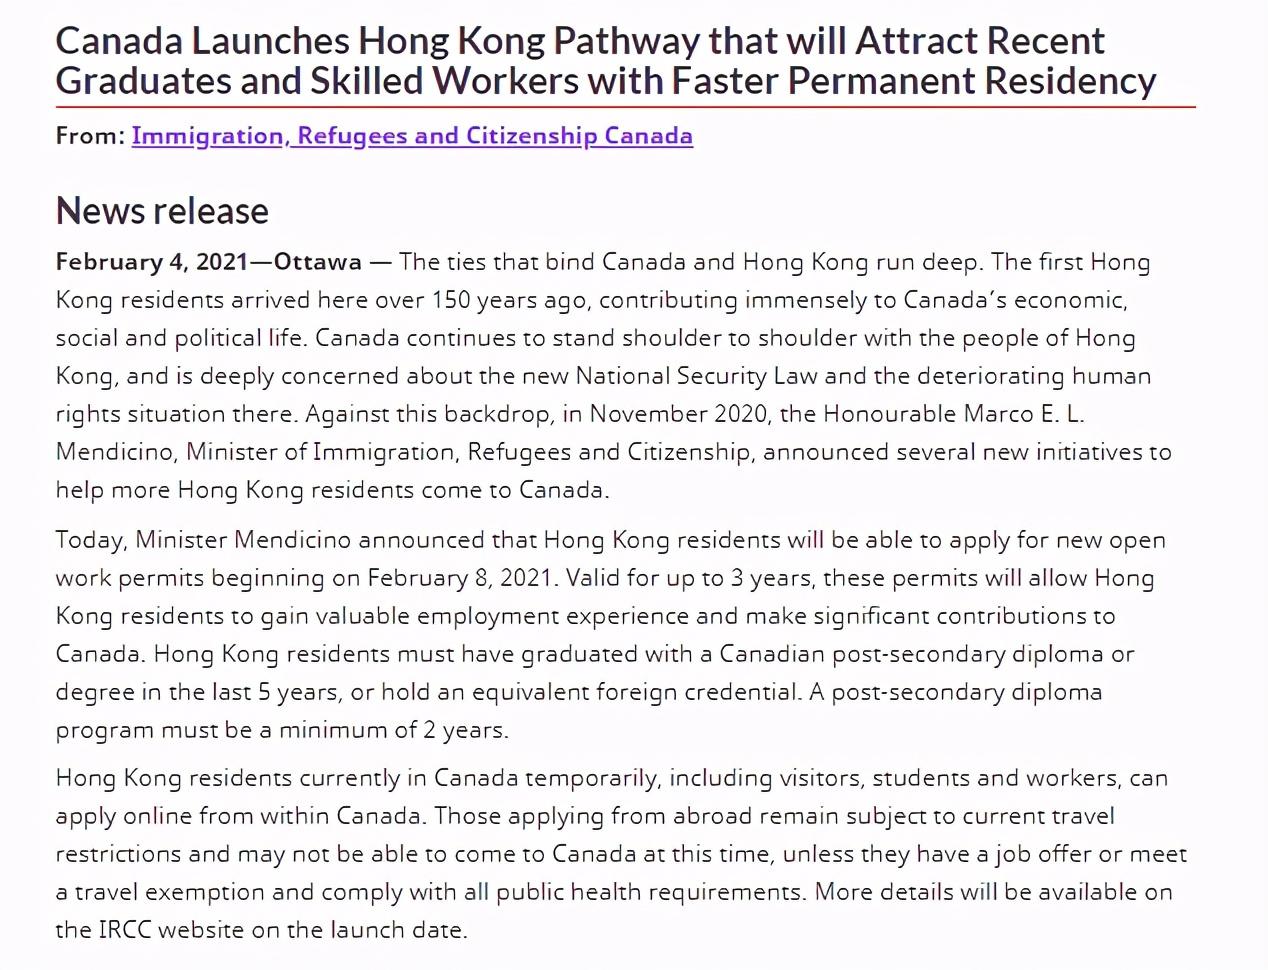 万众期待的香港人移民加拿大绿色通道今天起正式开放